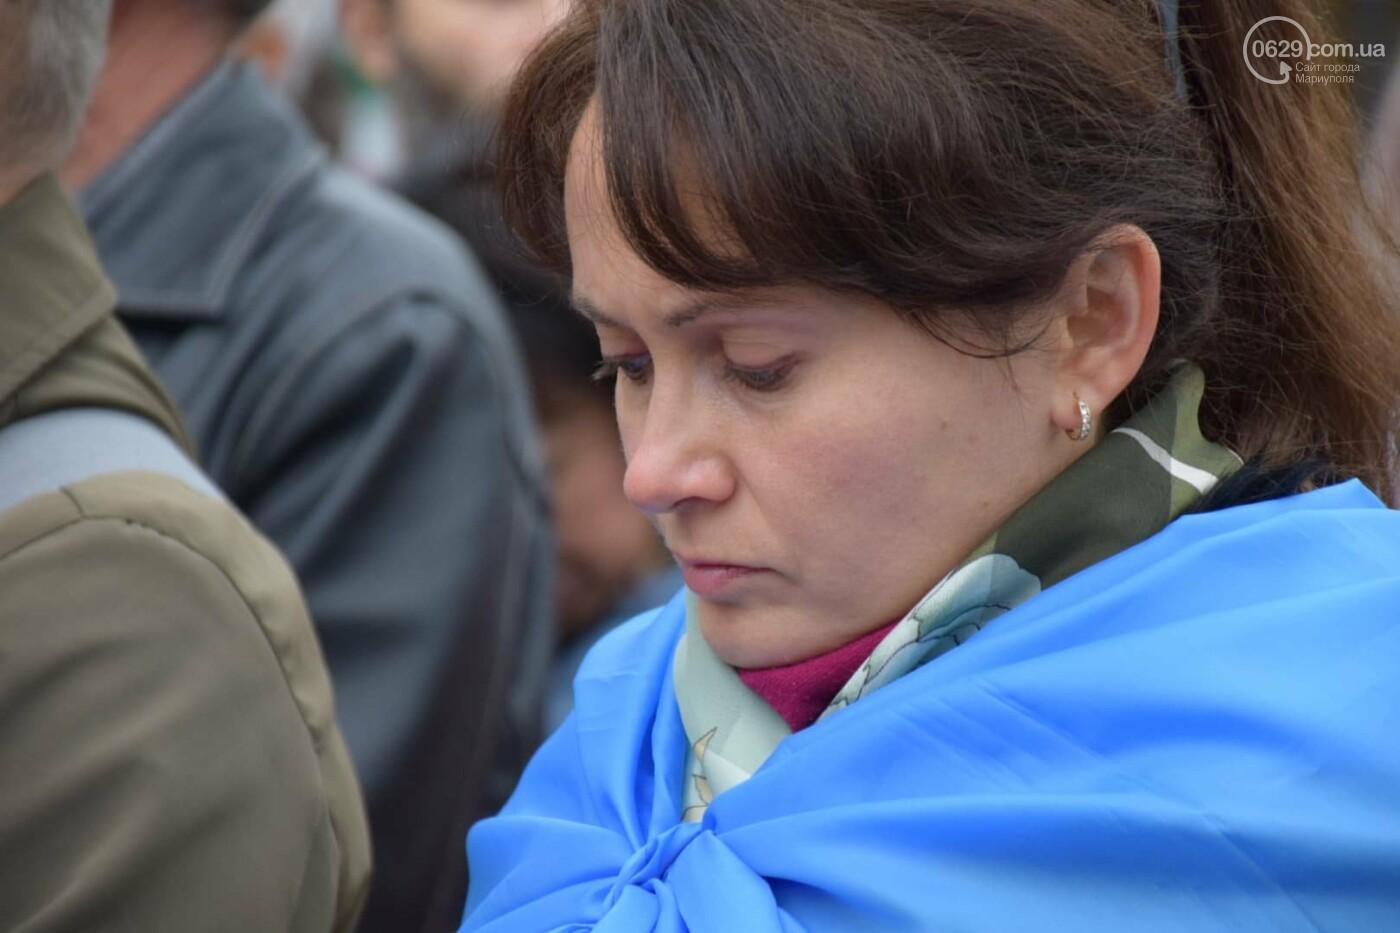 #НiКапітуляції. В Мариуполе прошел митинг против формулы Штайнмайера, - ФОТОРЕПОРТАЖ, фото-5